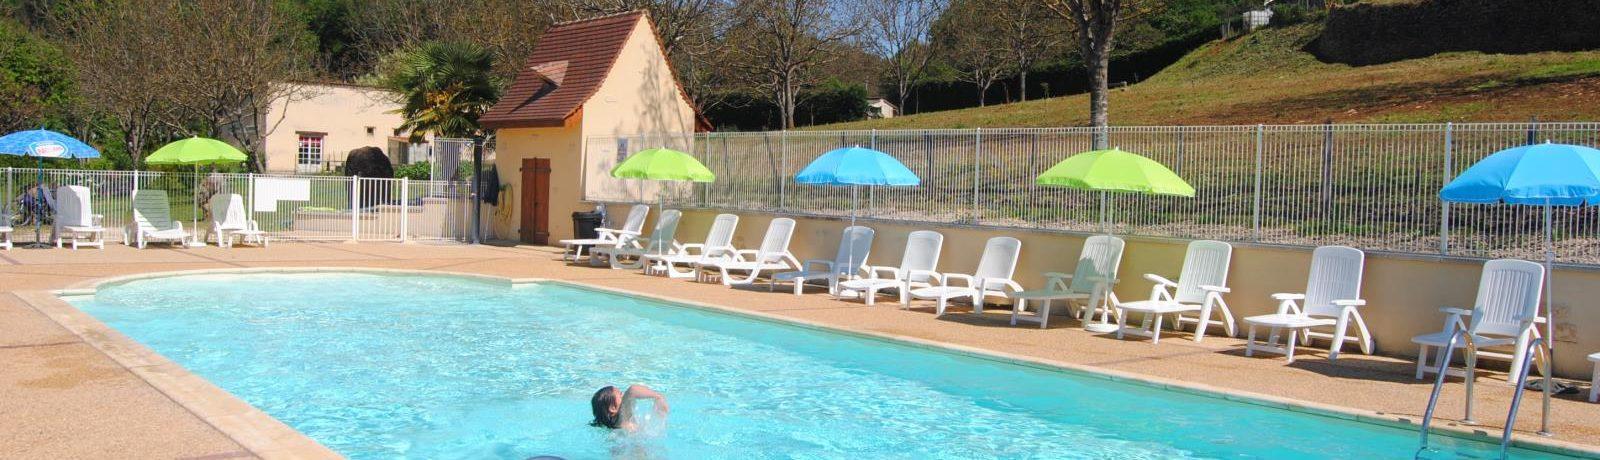 Camping À La Ferme Les Pierres Chaudes in Veyrignac is een rustige boerderijcamping in de Dordogne met zwembad gelegen in de regio Nouvelle-Aquitaine.